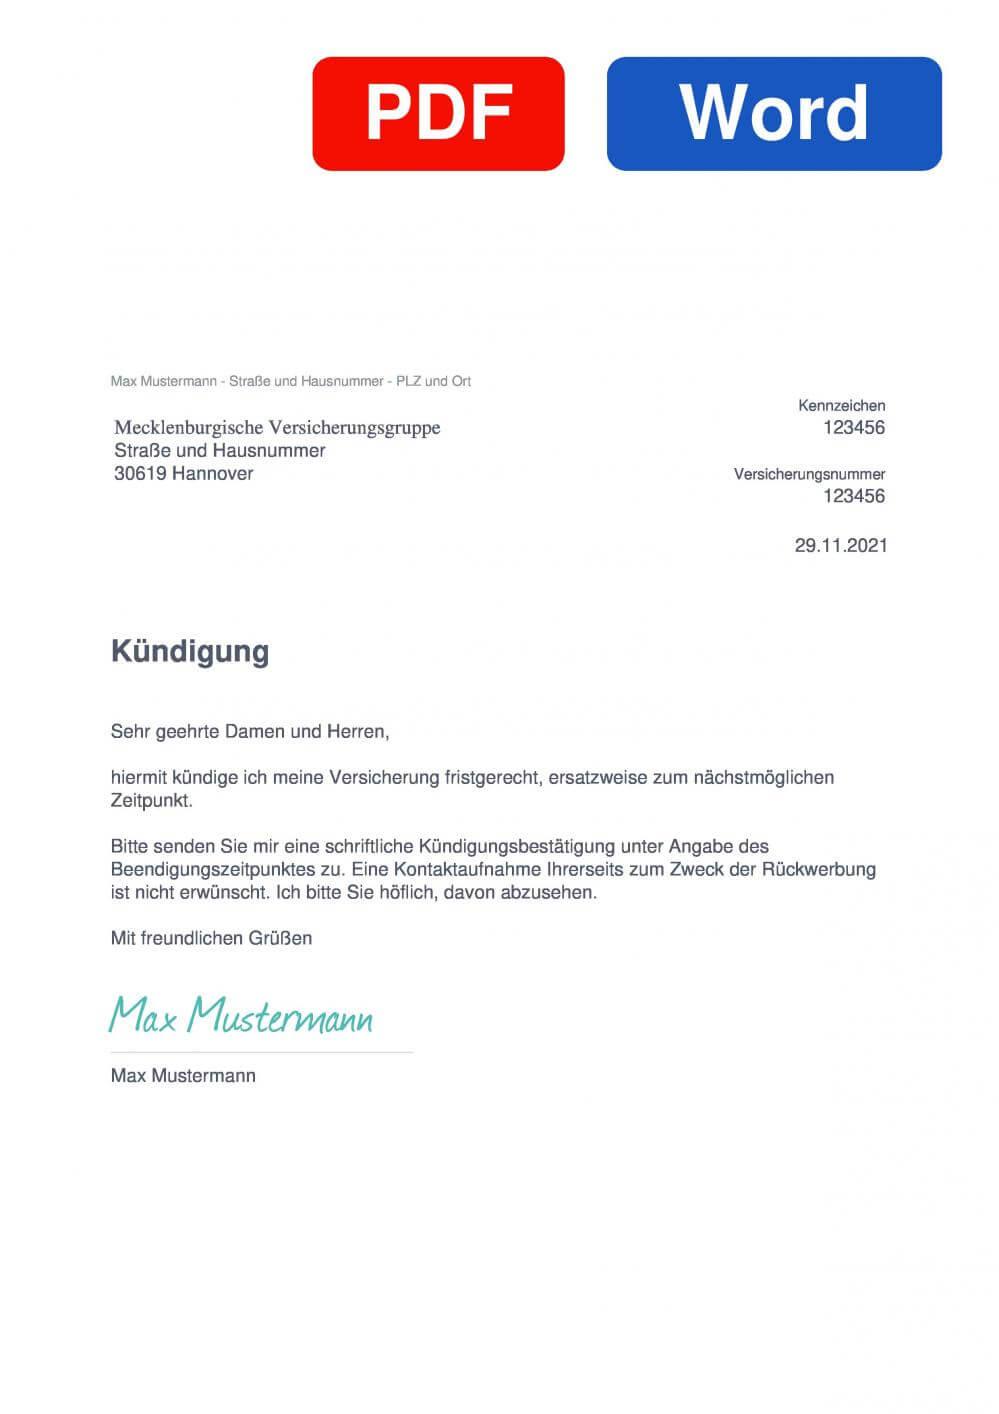 Mecklenburgische KFZ-Versicherung Muster Vorlage für Kündigungsschreiben